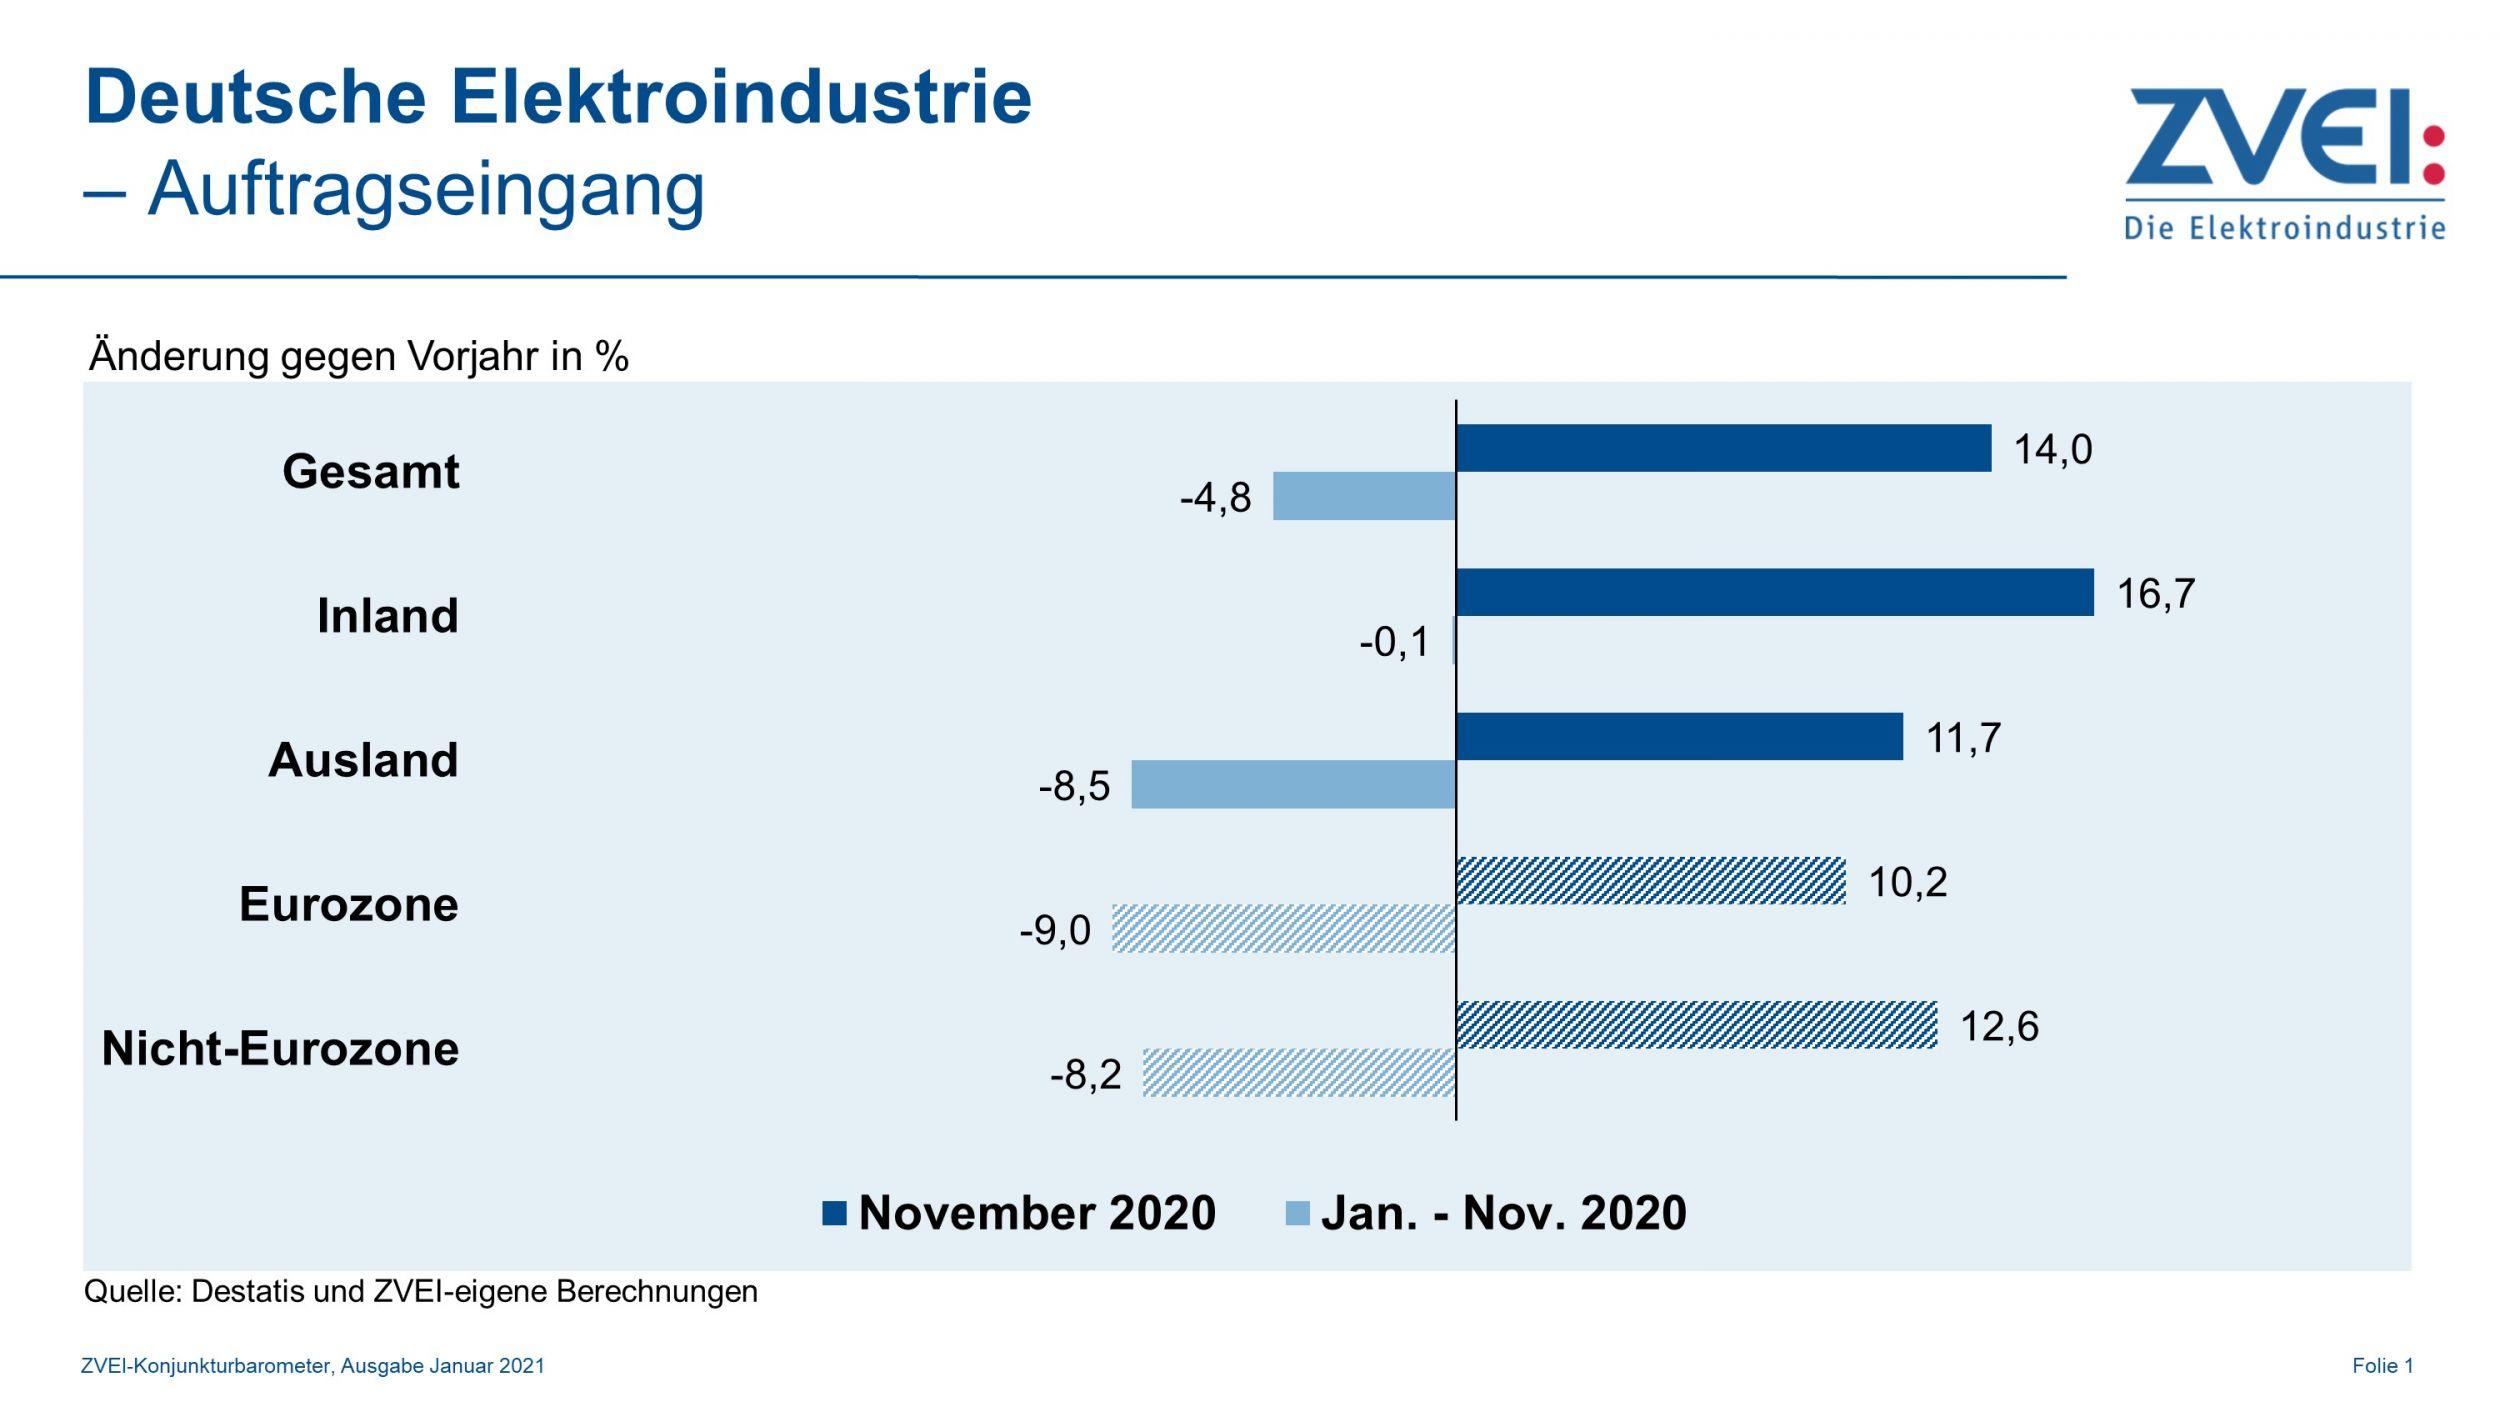 Auftragseingänge in der Elektroindustrie erholen sich